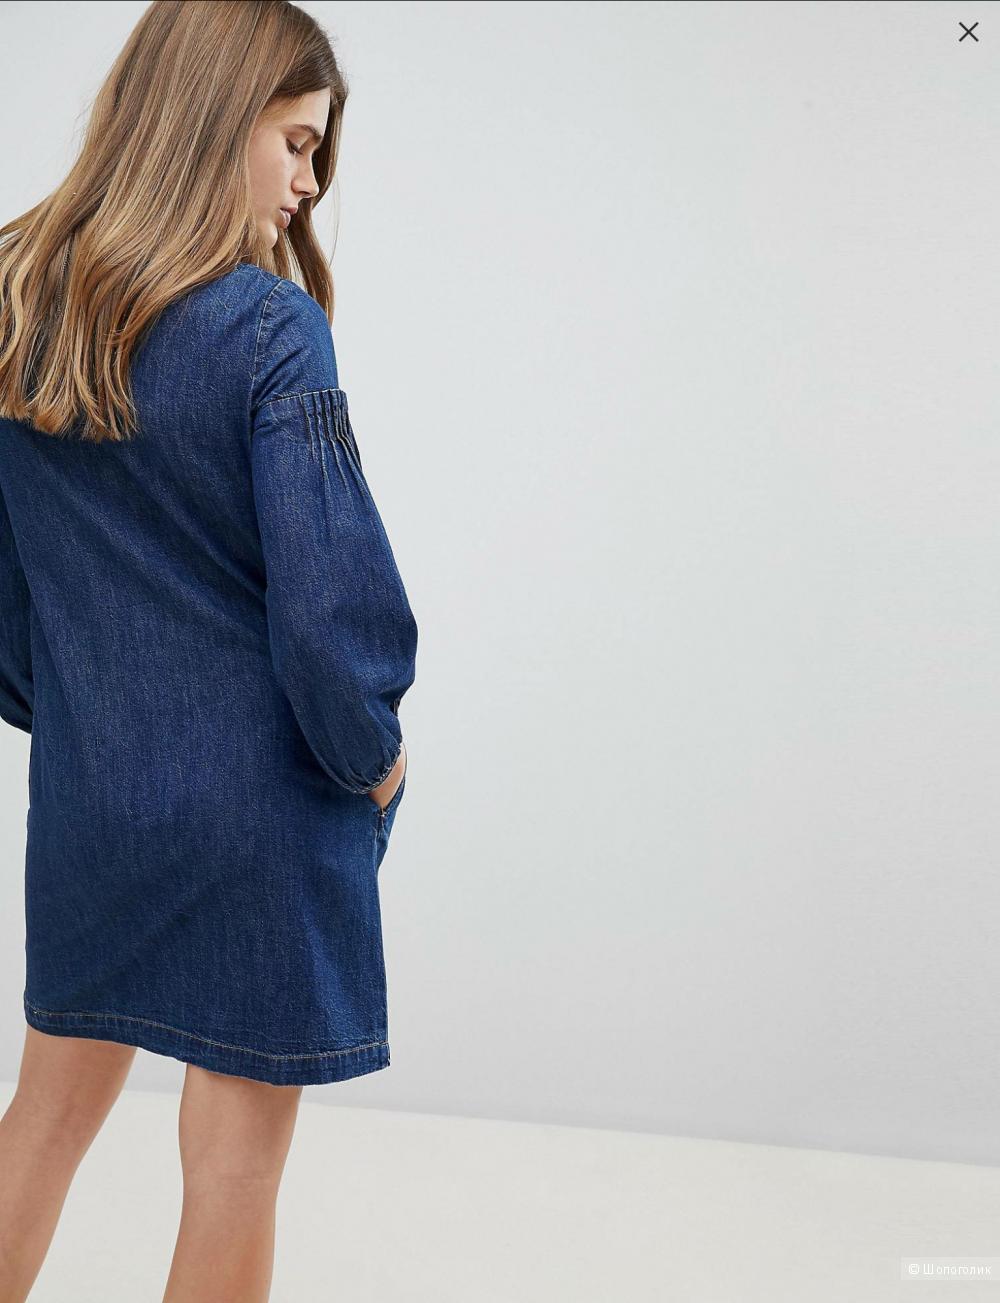 Платье Esprit размер 42-44-46 (S/M)